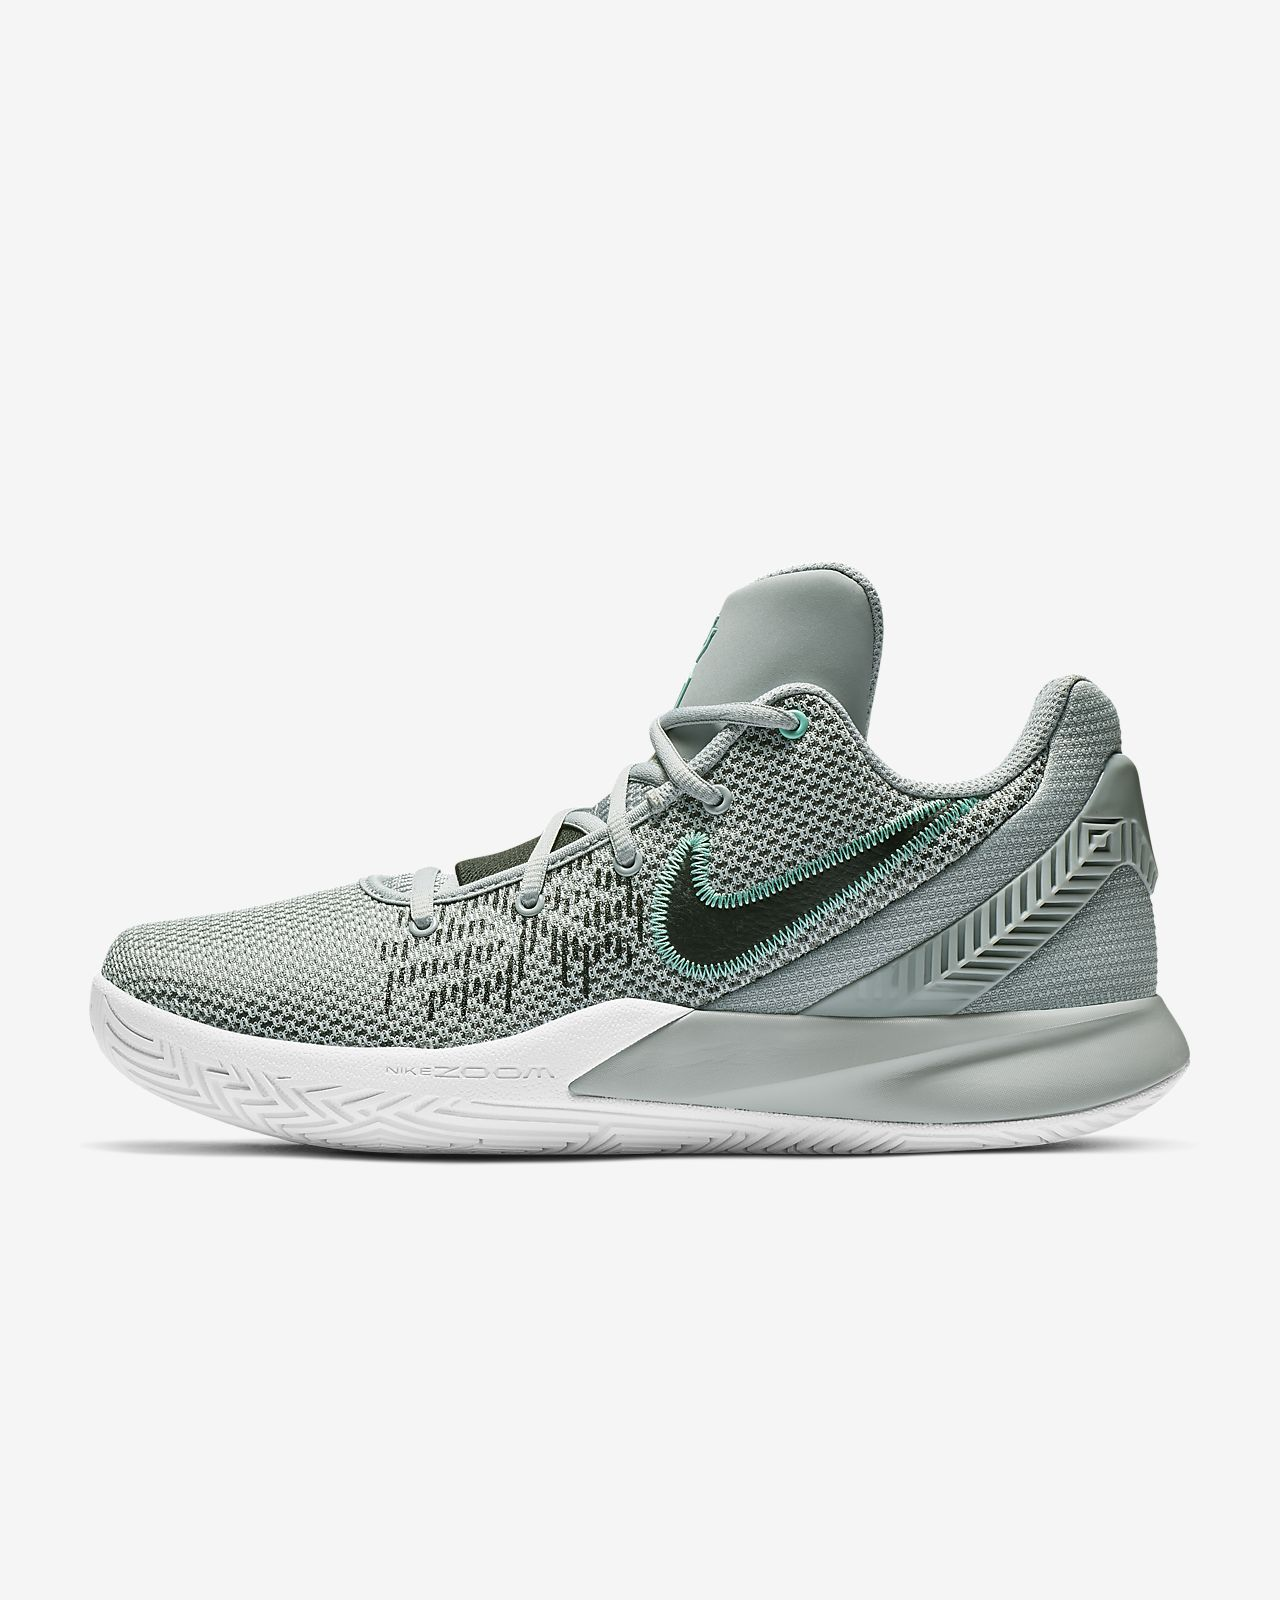 Kyrie Flytrap II Basketball Shoe